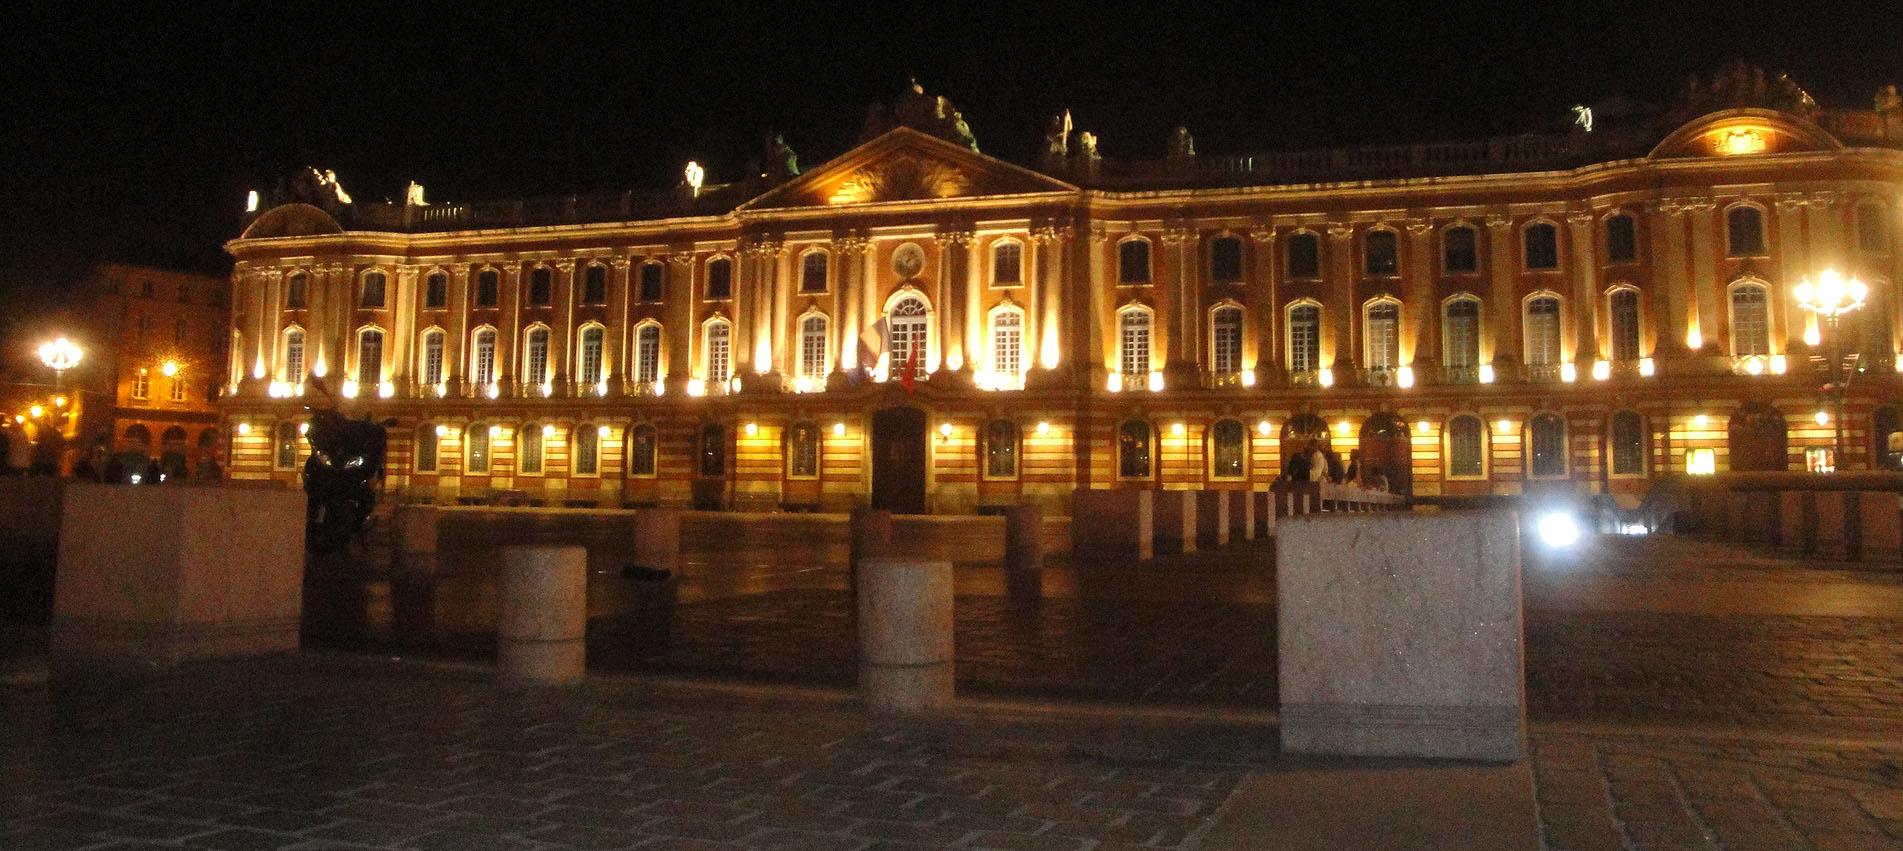 07.09.2011 El capitoli en una imatge nocturna.  Tolosa del Llenguadoc -  Jordi Bibià